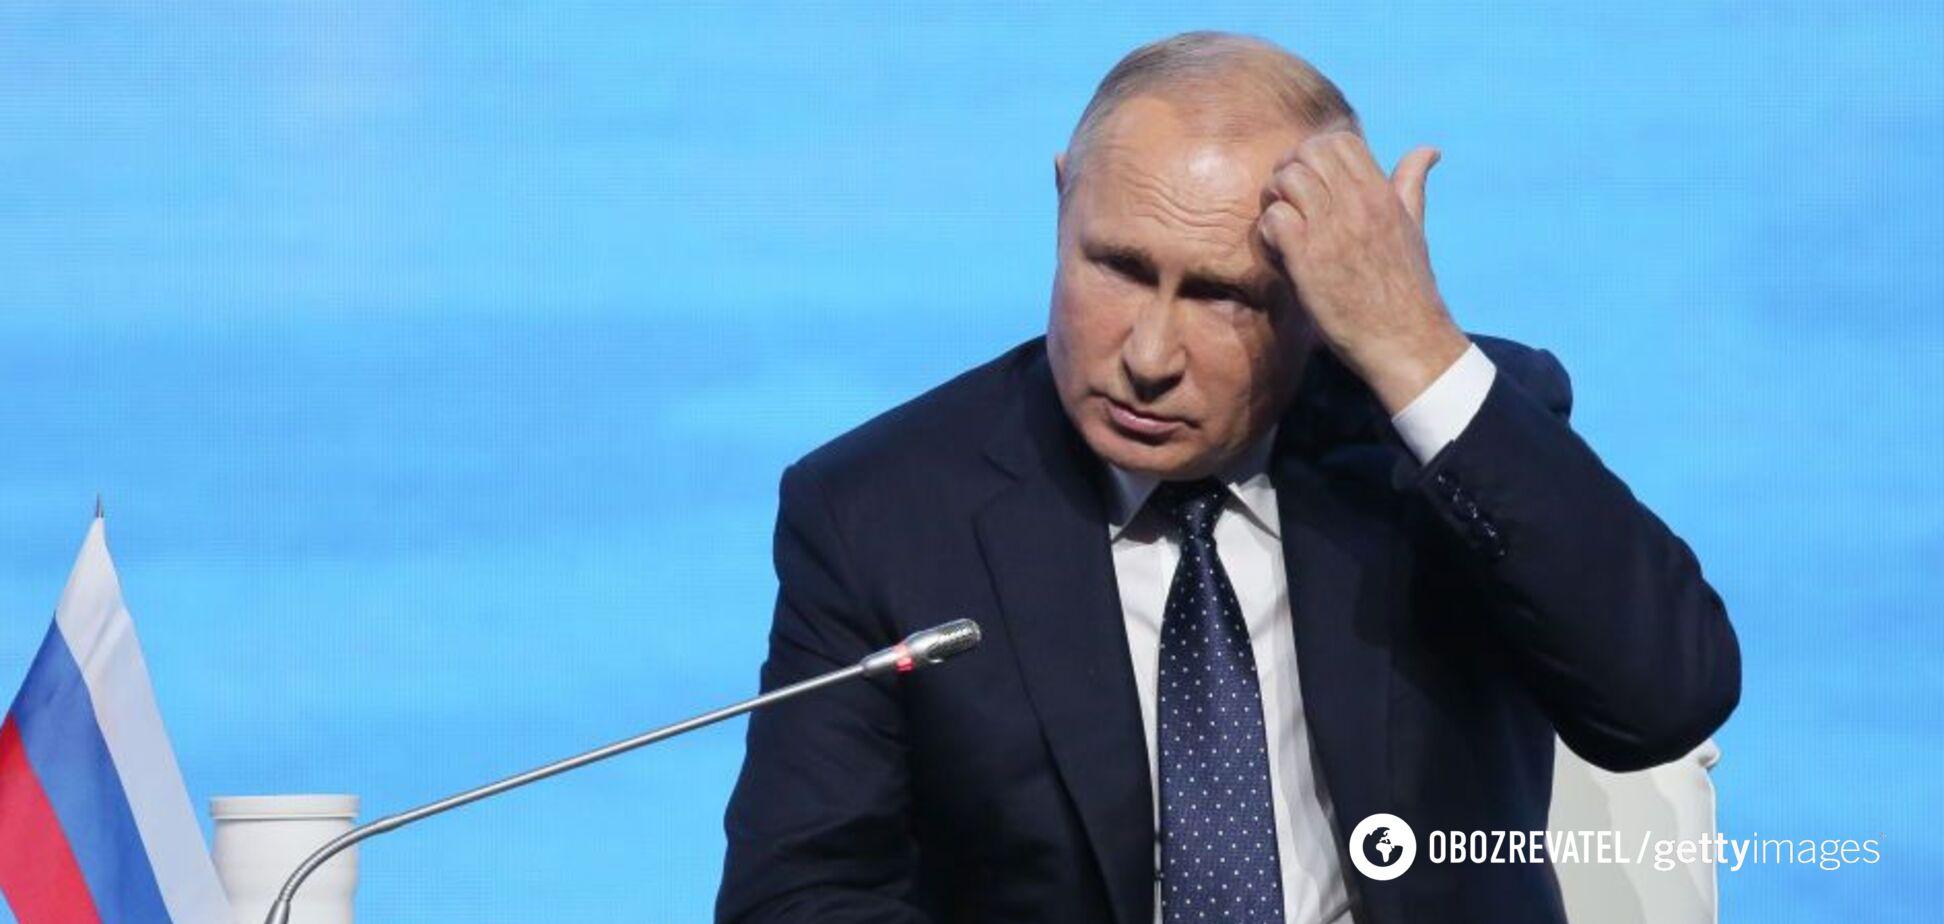 'Поцілунок у животик': Путіна зняли в оточенні дітей. Фото